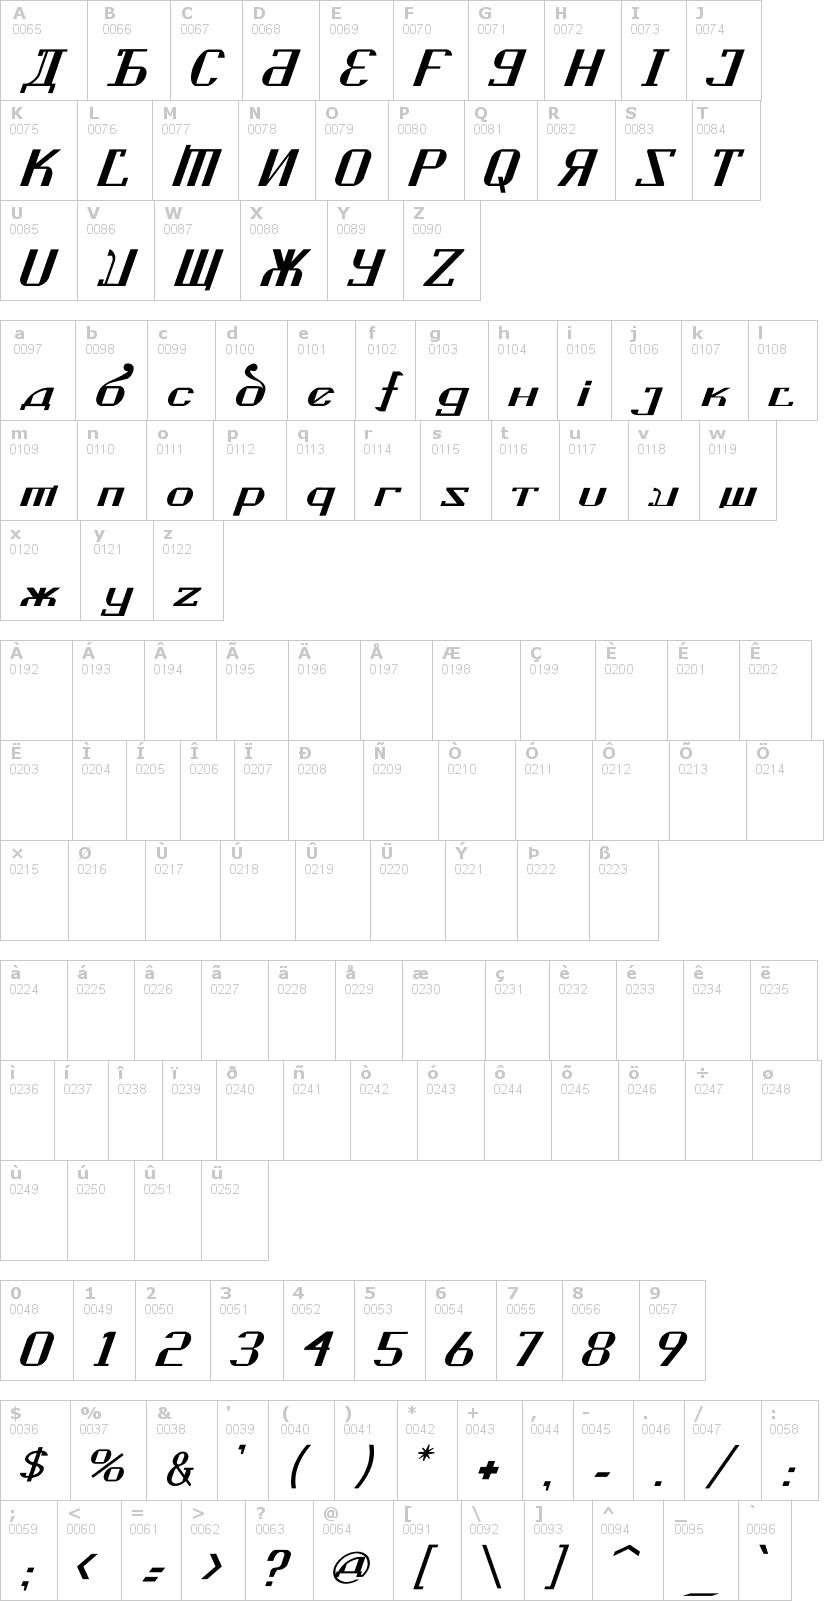 Lettere dell'alfabeto del font kremlin-soviet con le quali è possibile realizzare adesivi prespaziati